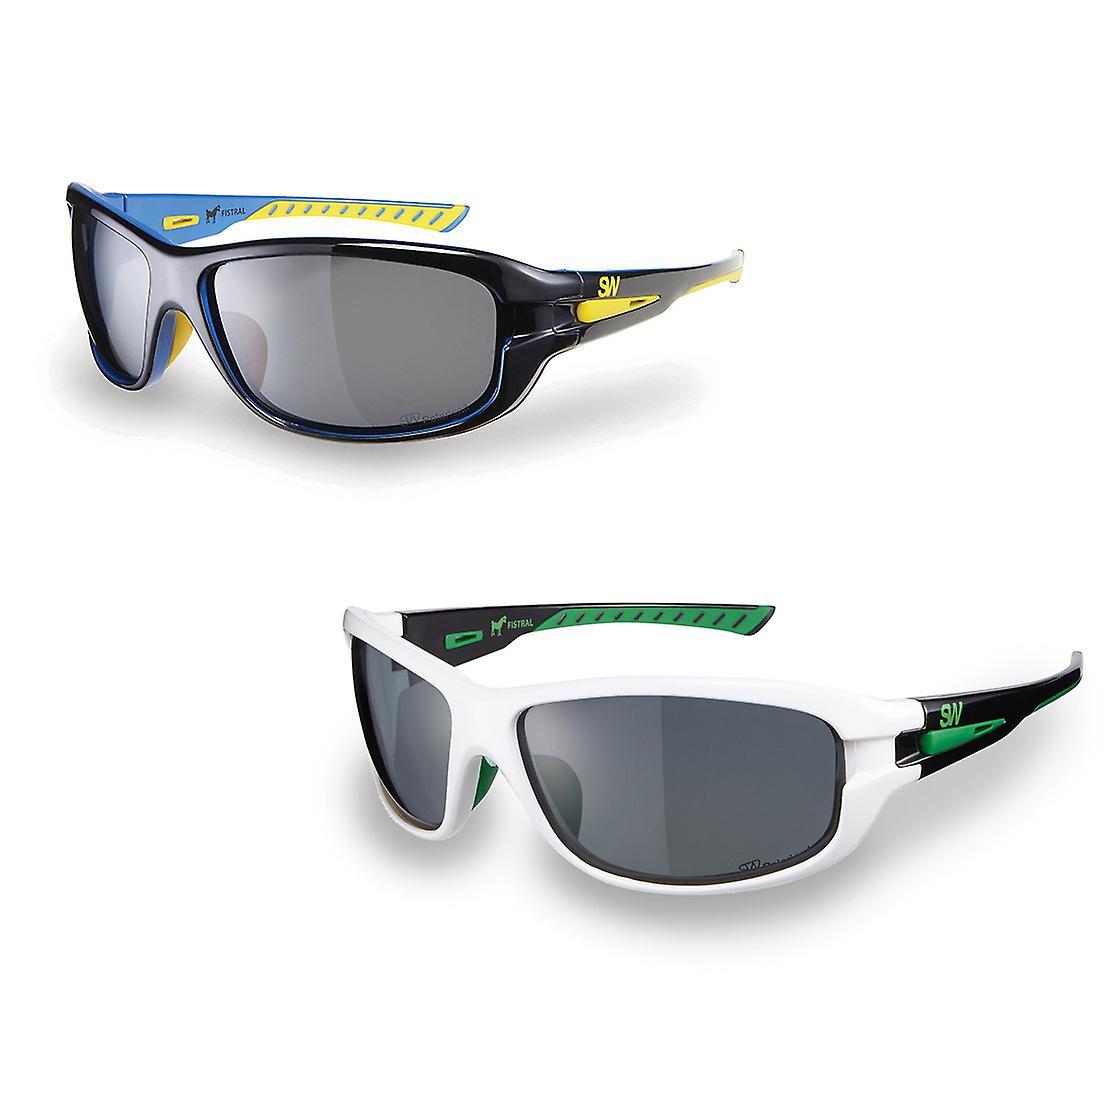 Sunwise Fistral - Freizeit polarisierte Sonnenbrillen - wasserdicht-Objektive